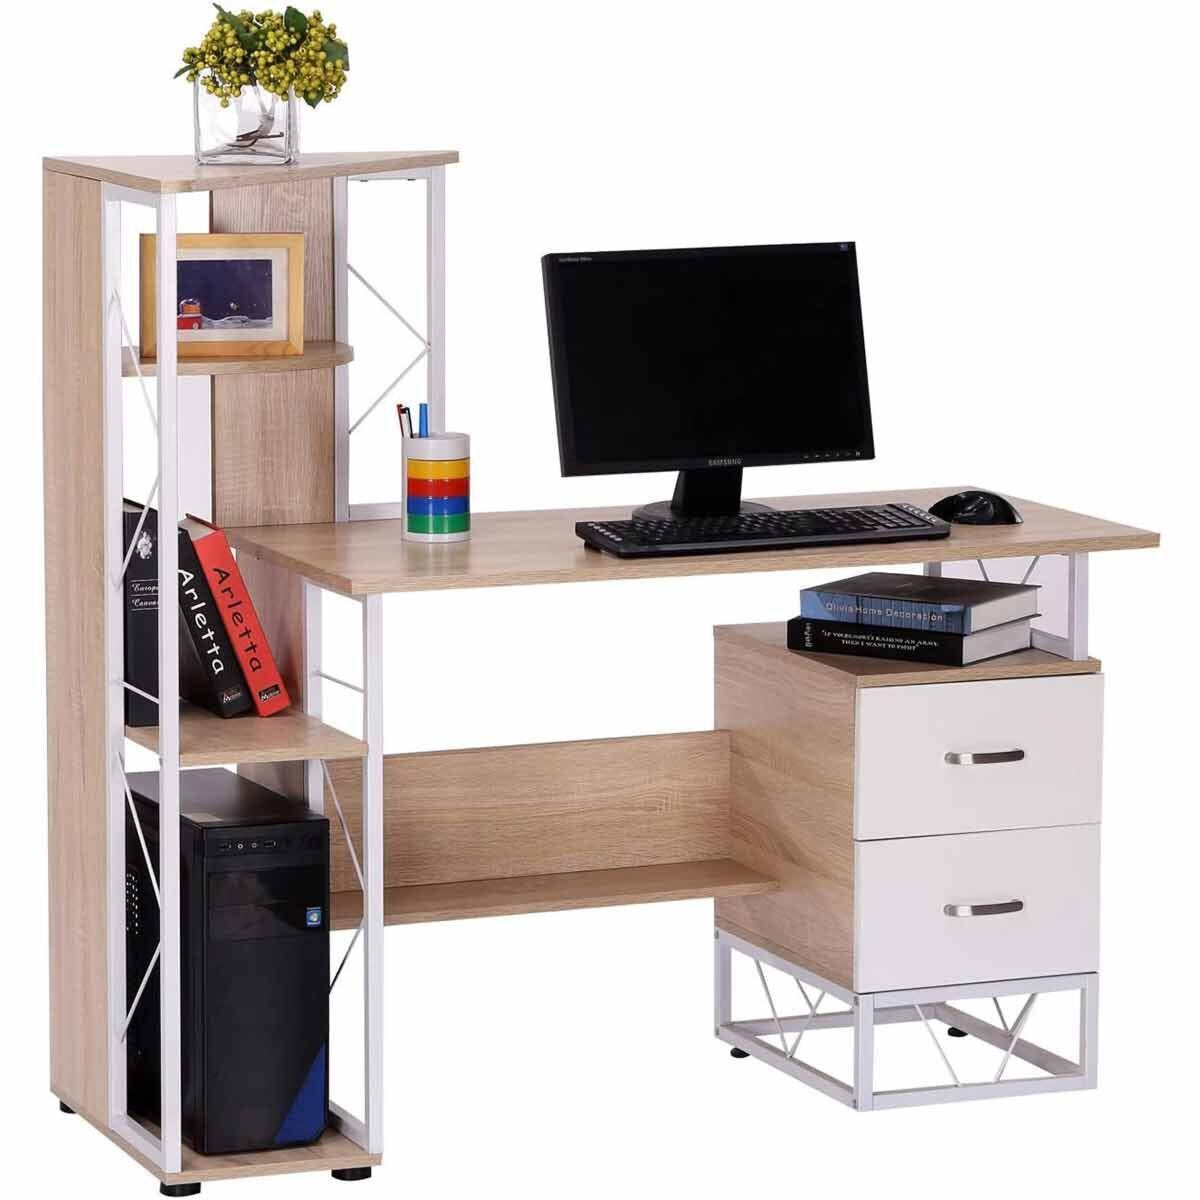 Rudyard Computer Desk with Storage